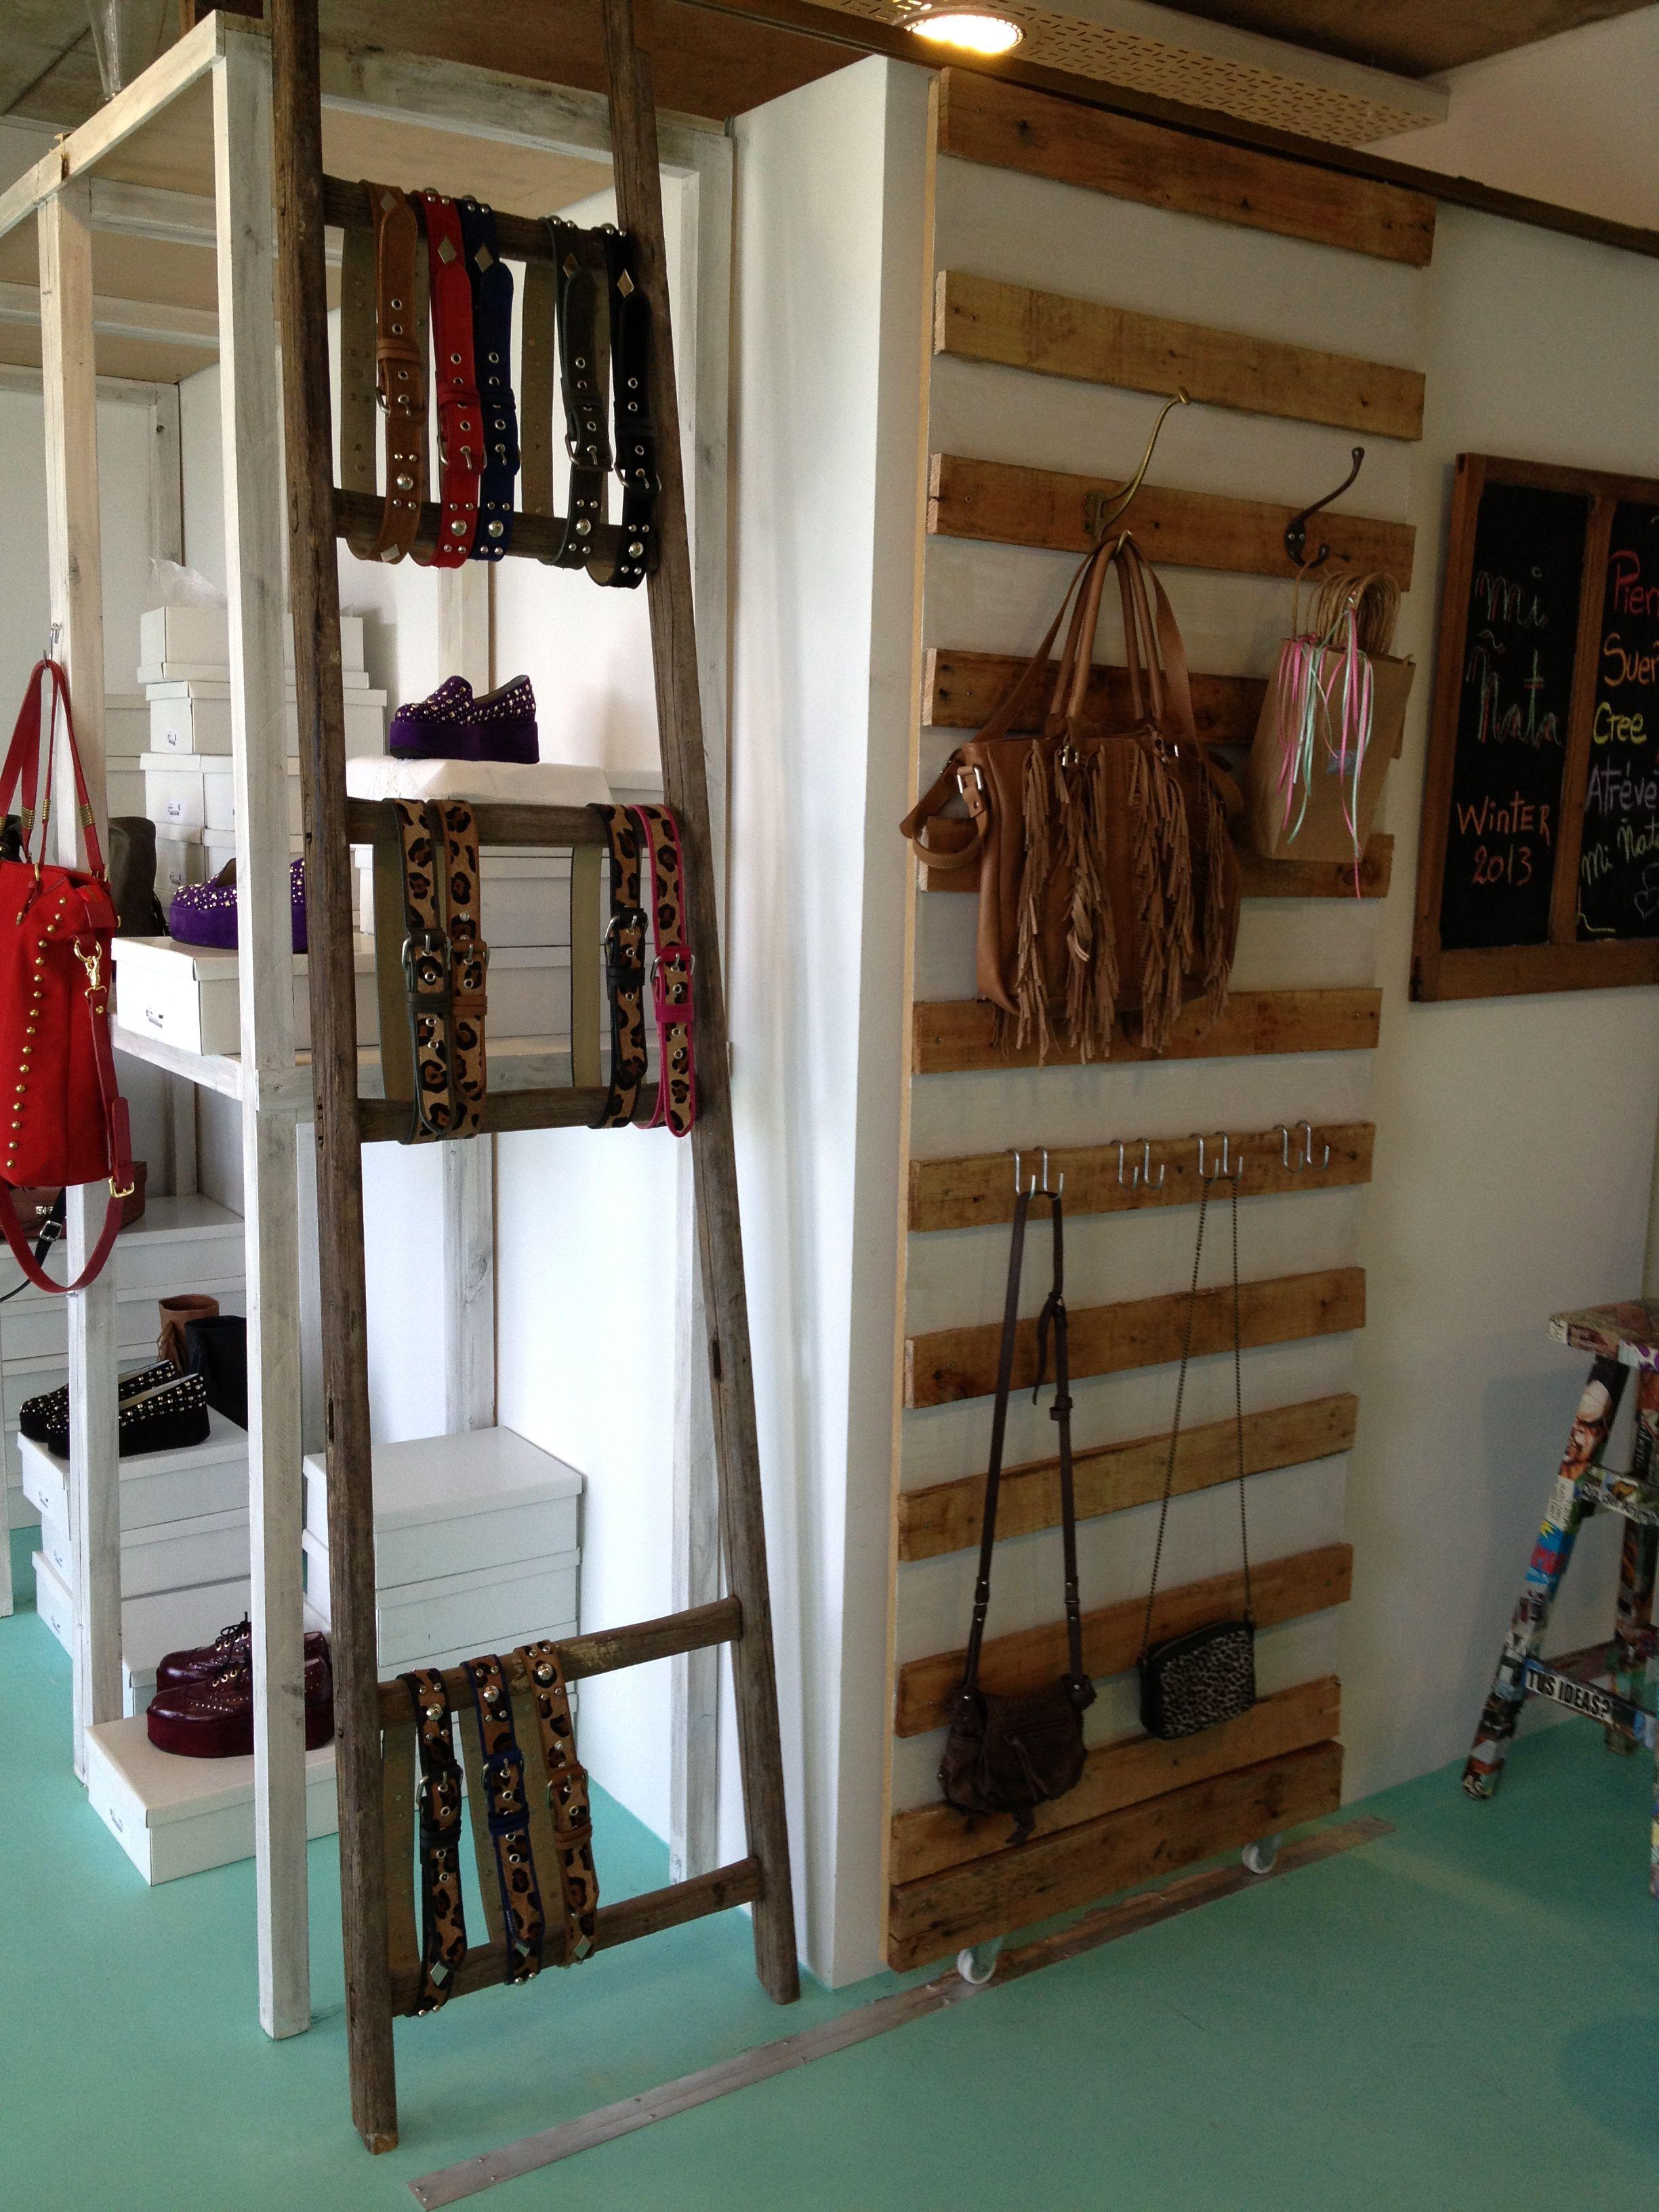 Decoracion Vintage Con Antigua Escalera De Lapacho Para Mostrar Cinturones